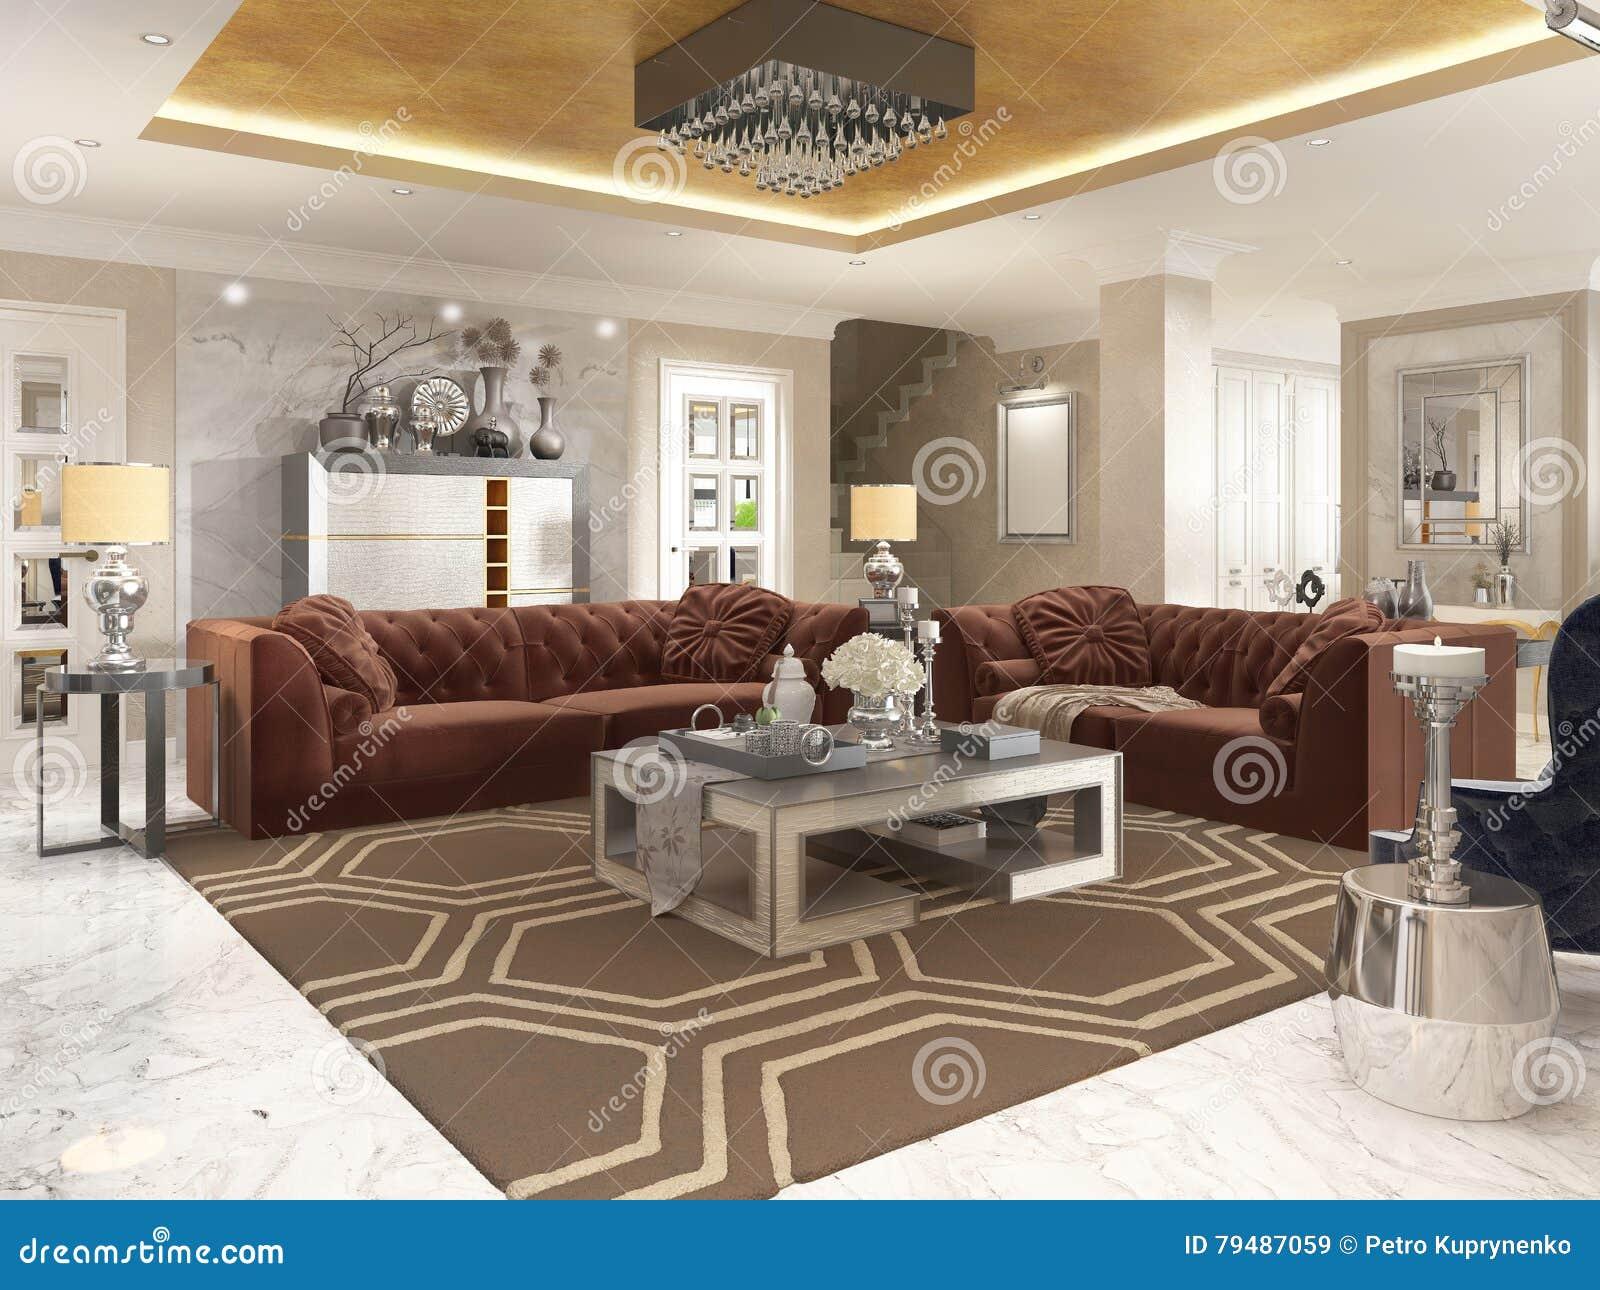 Wohnzimmer In Art Deco Art Mit Gepolstertem Designer Furnitur Stock ...